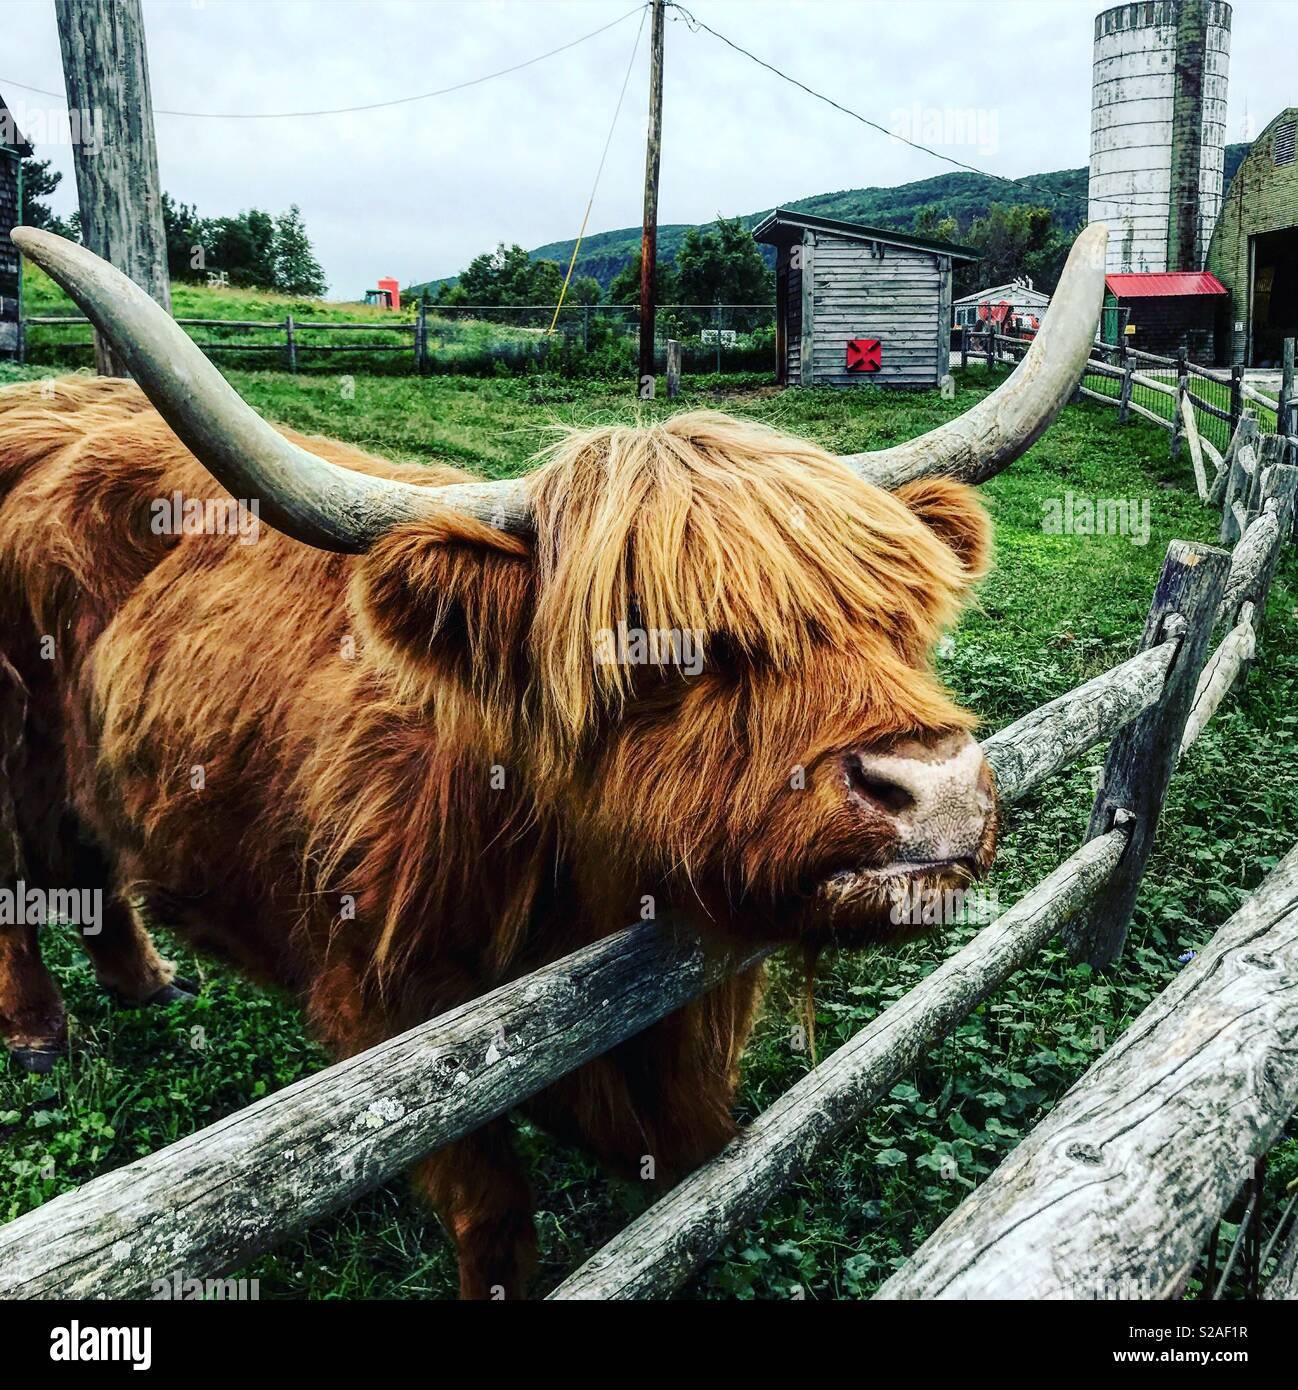 Highland cattle dans un zoo pour enfants à l'échelle indienne de fermes dans le Nord de New York Photo Stock